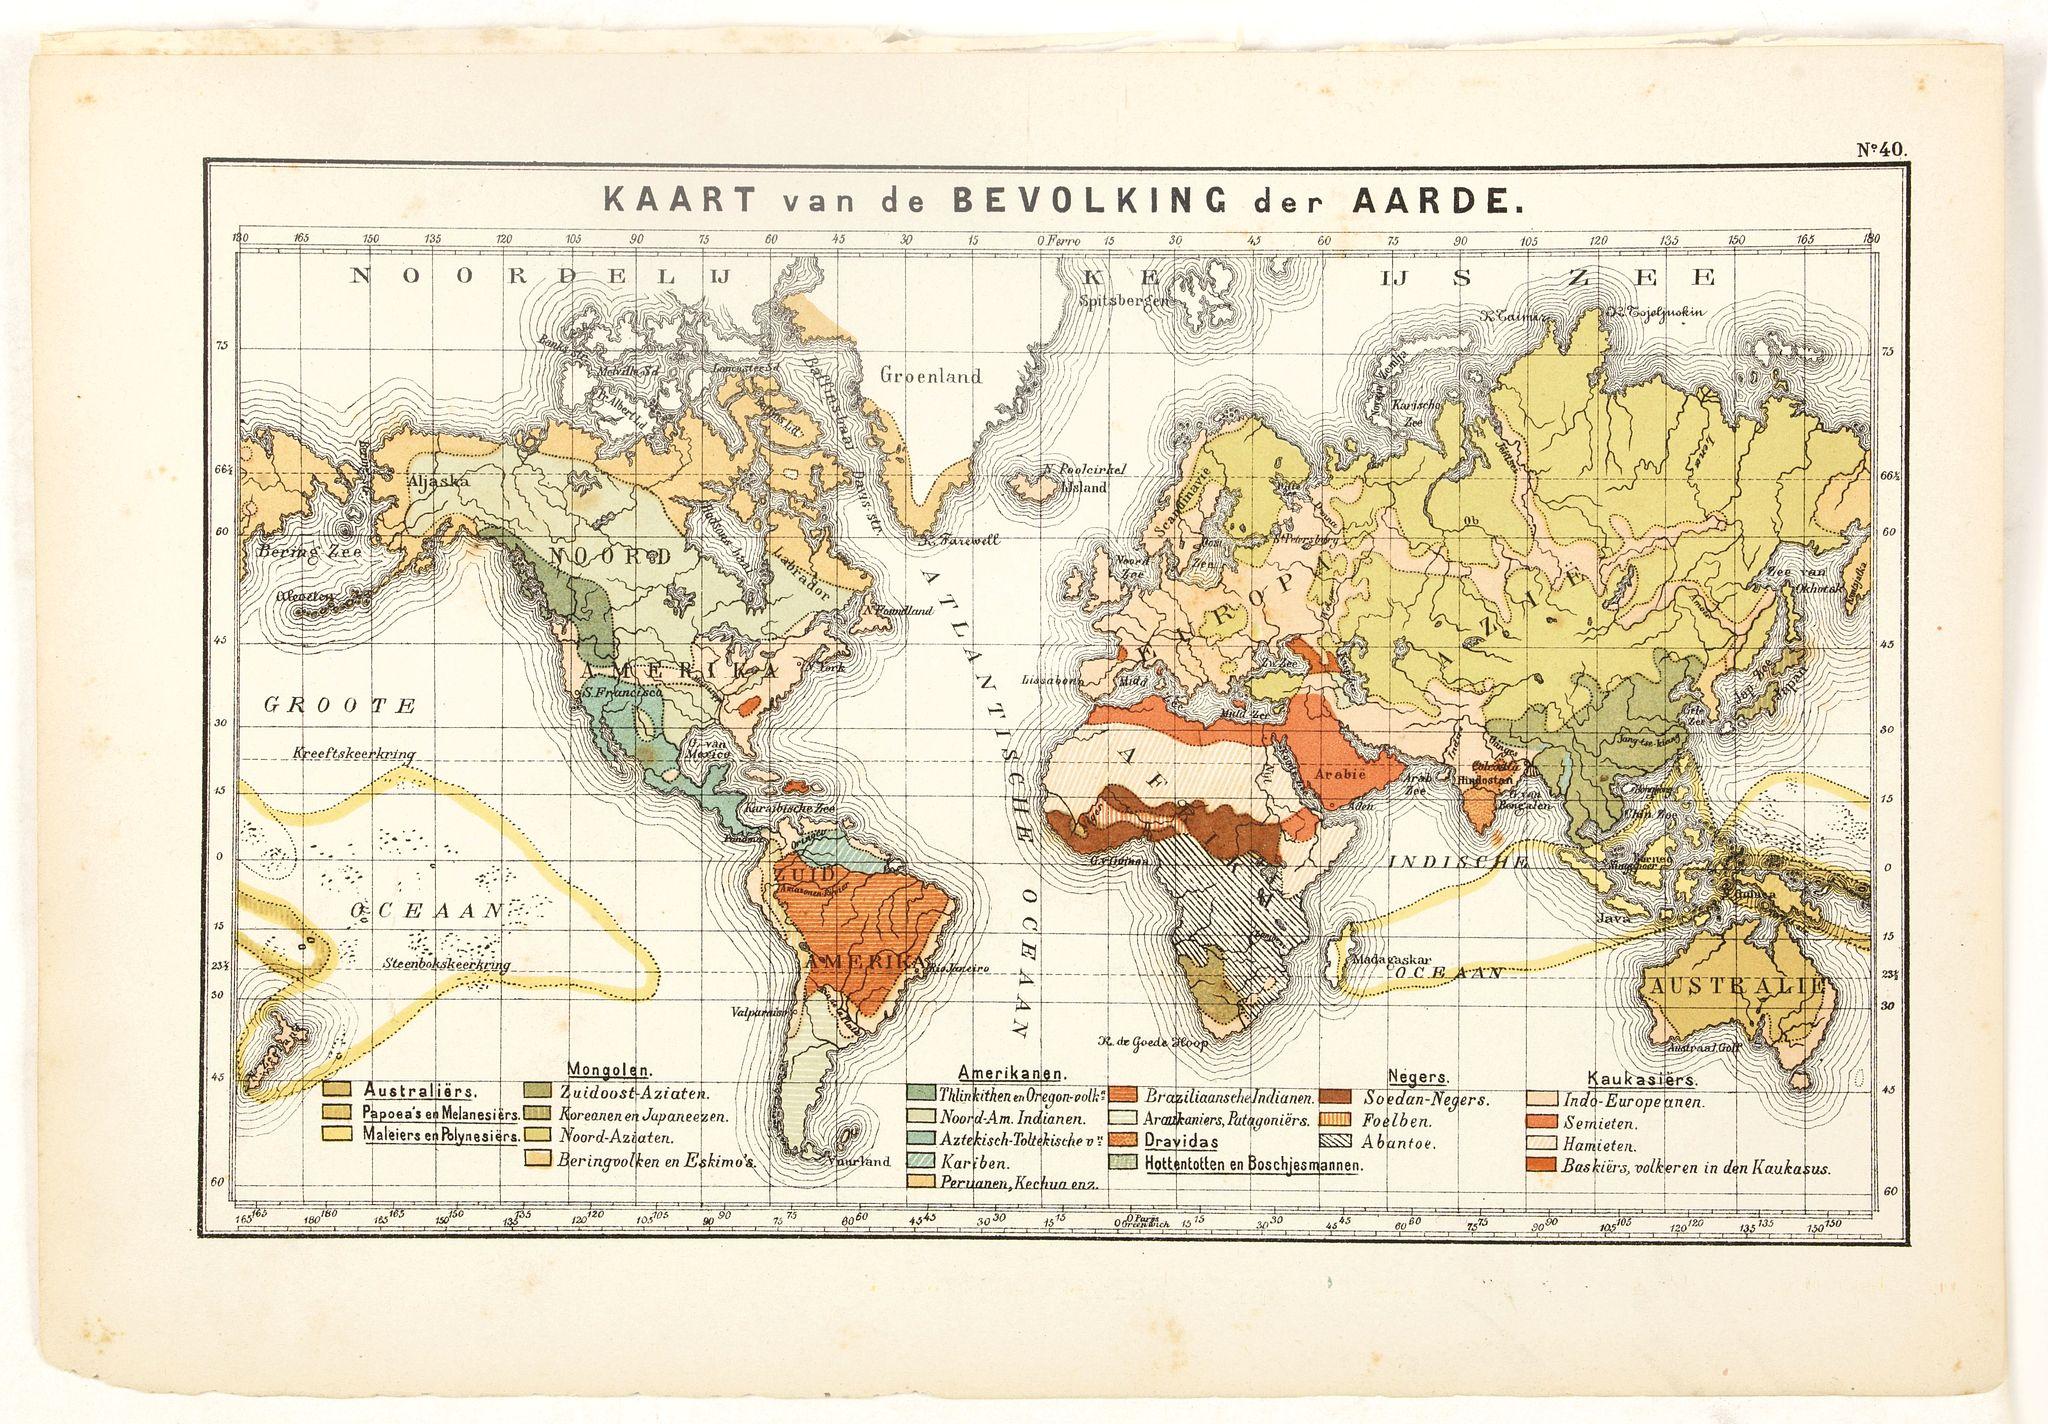 POSTHUMUS, N.W. -  Kaart van de Bavolking der Aarde.